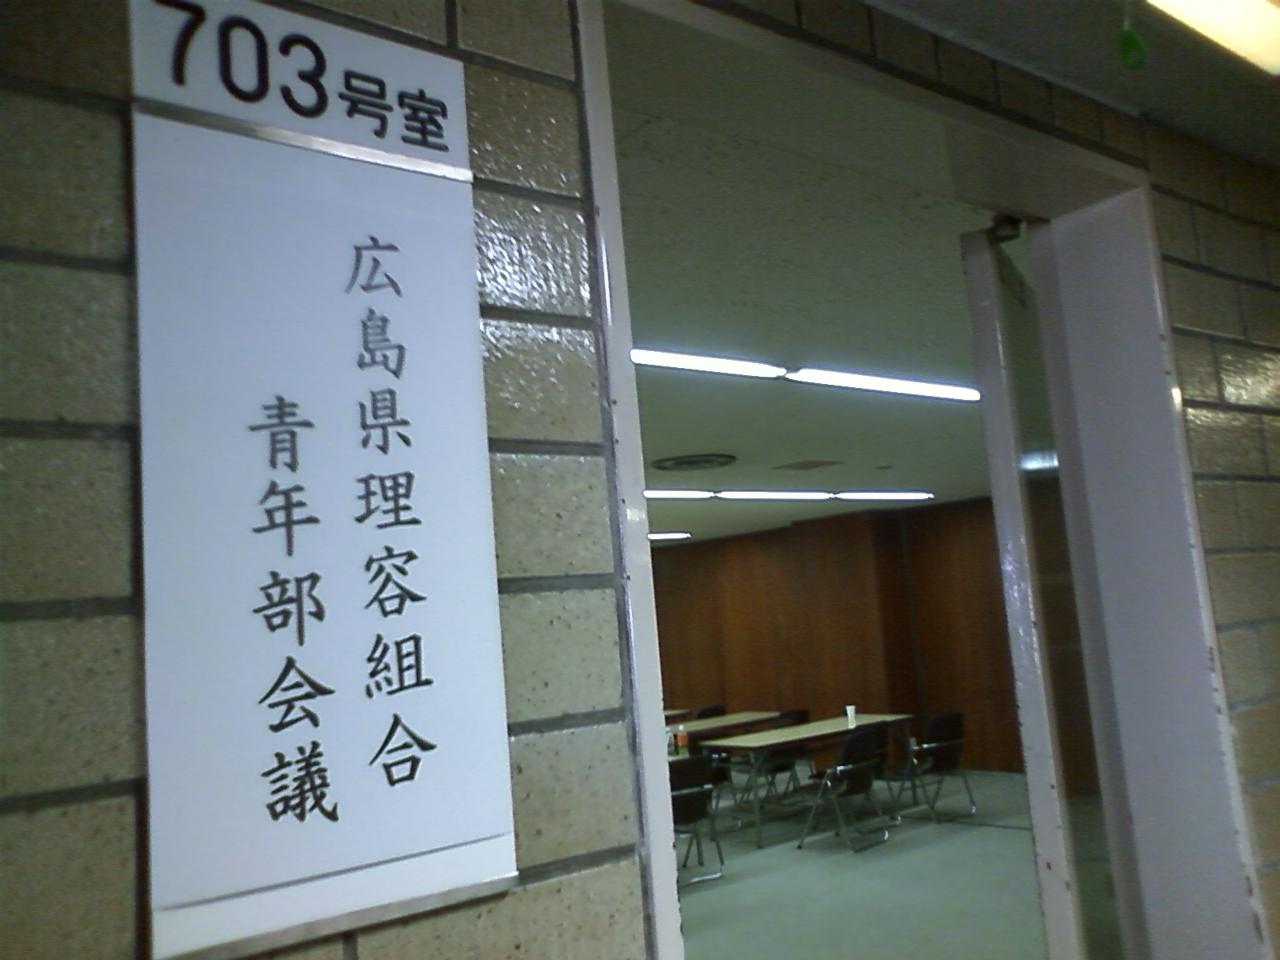 五月晴れの総会日和でぇ~・・・_e0036217_10424651.jpg